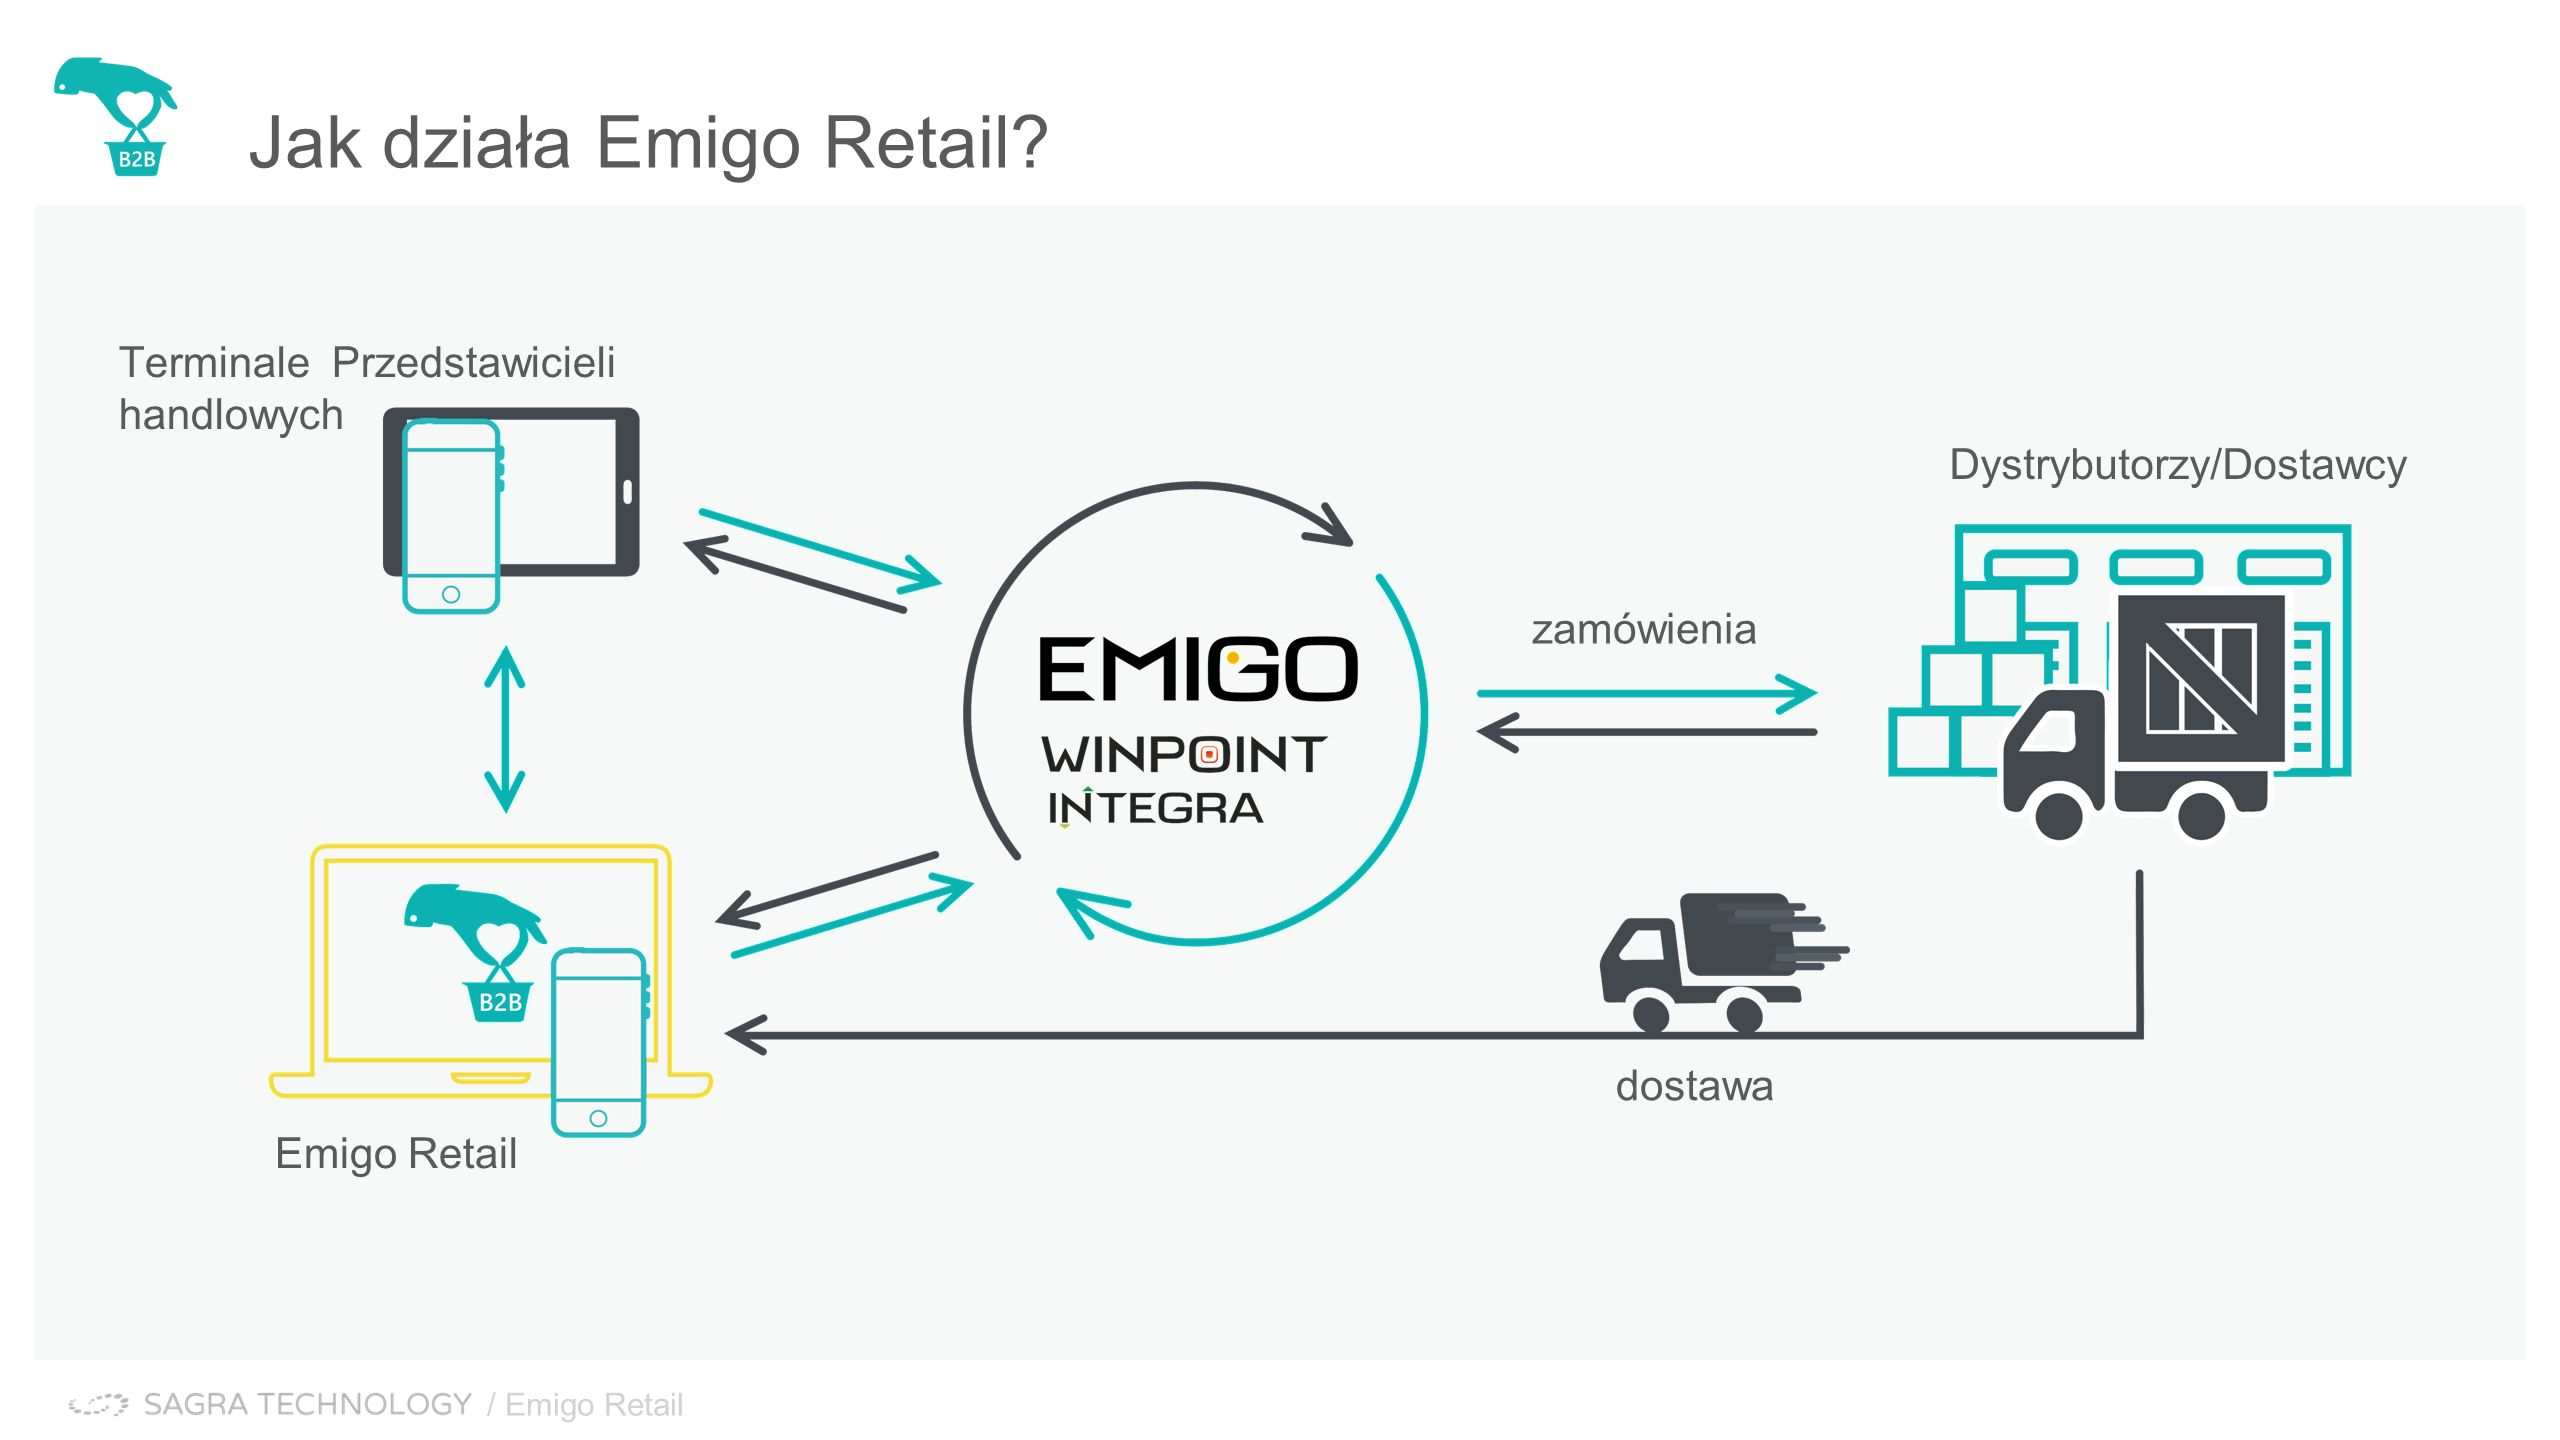 / Emigo Retail 2013 Scenariusz przyjęty w oparciu o nasze wieloletnie doświadczenie.